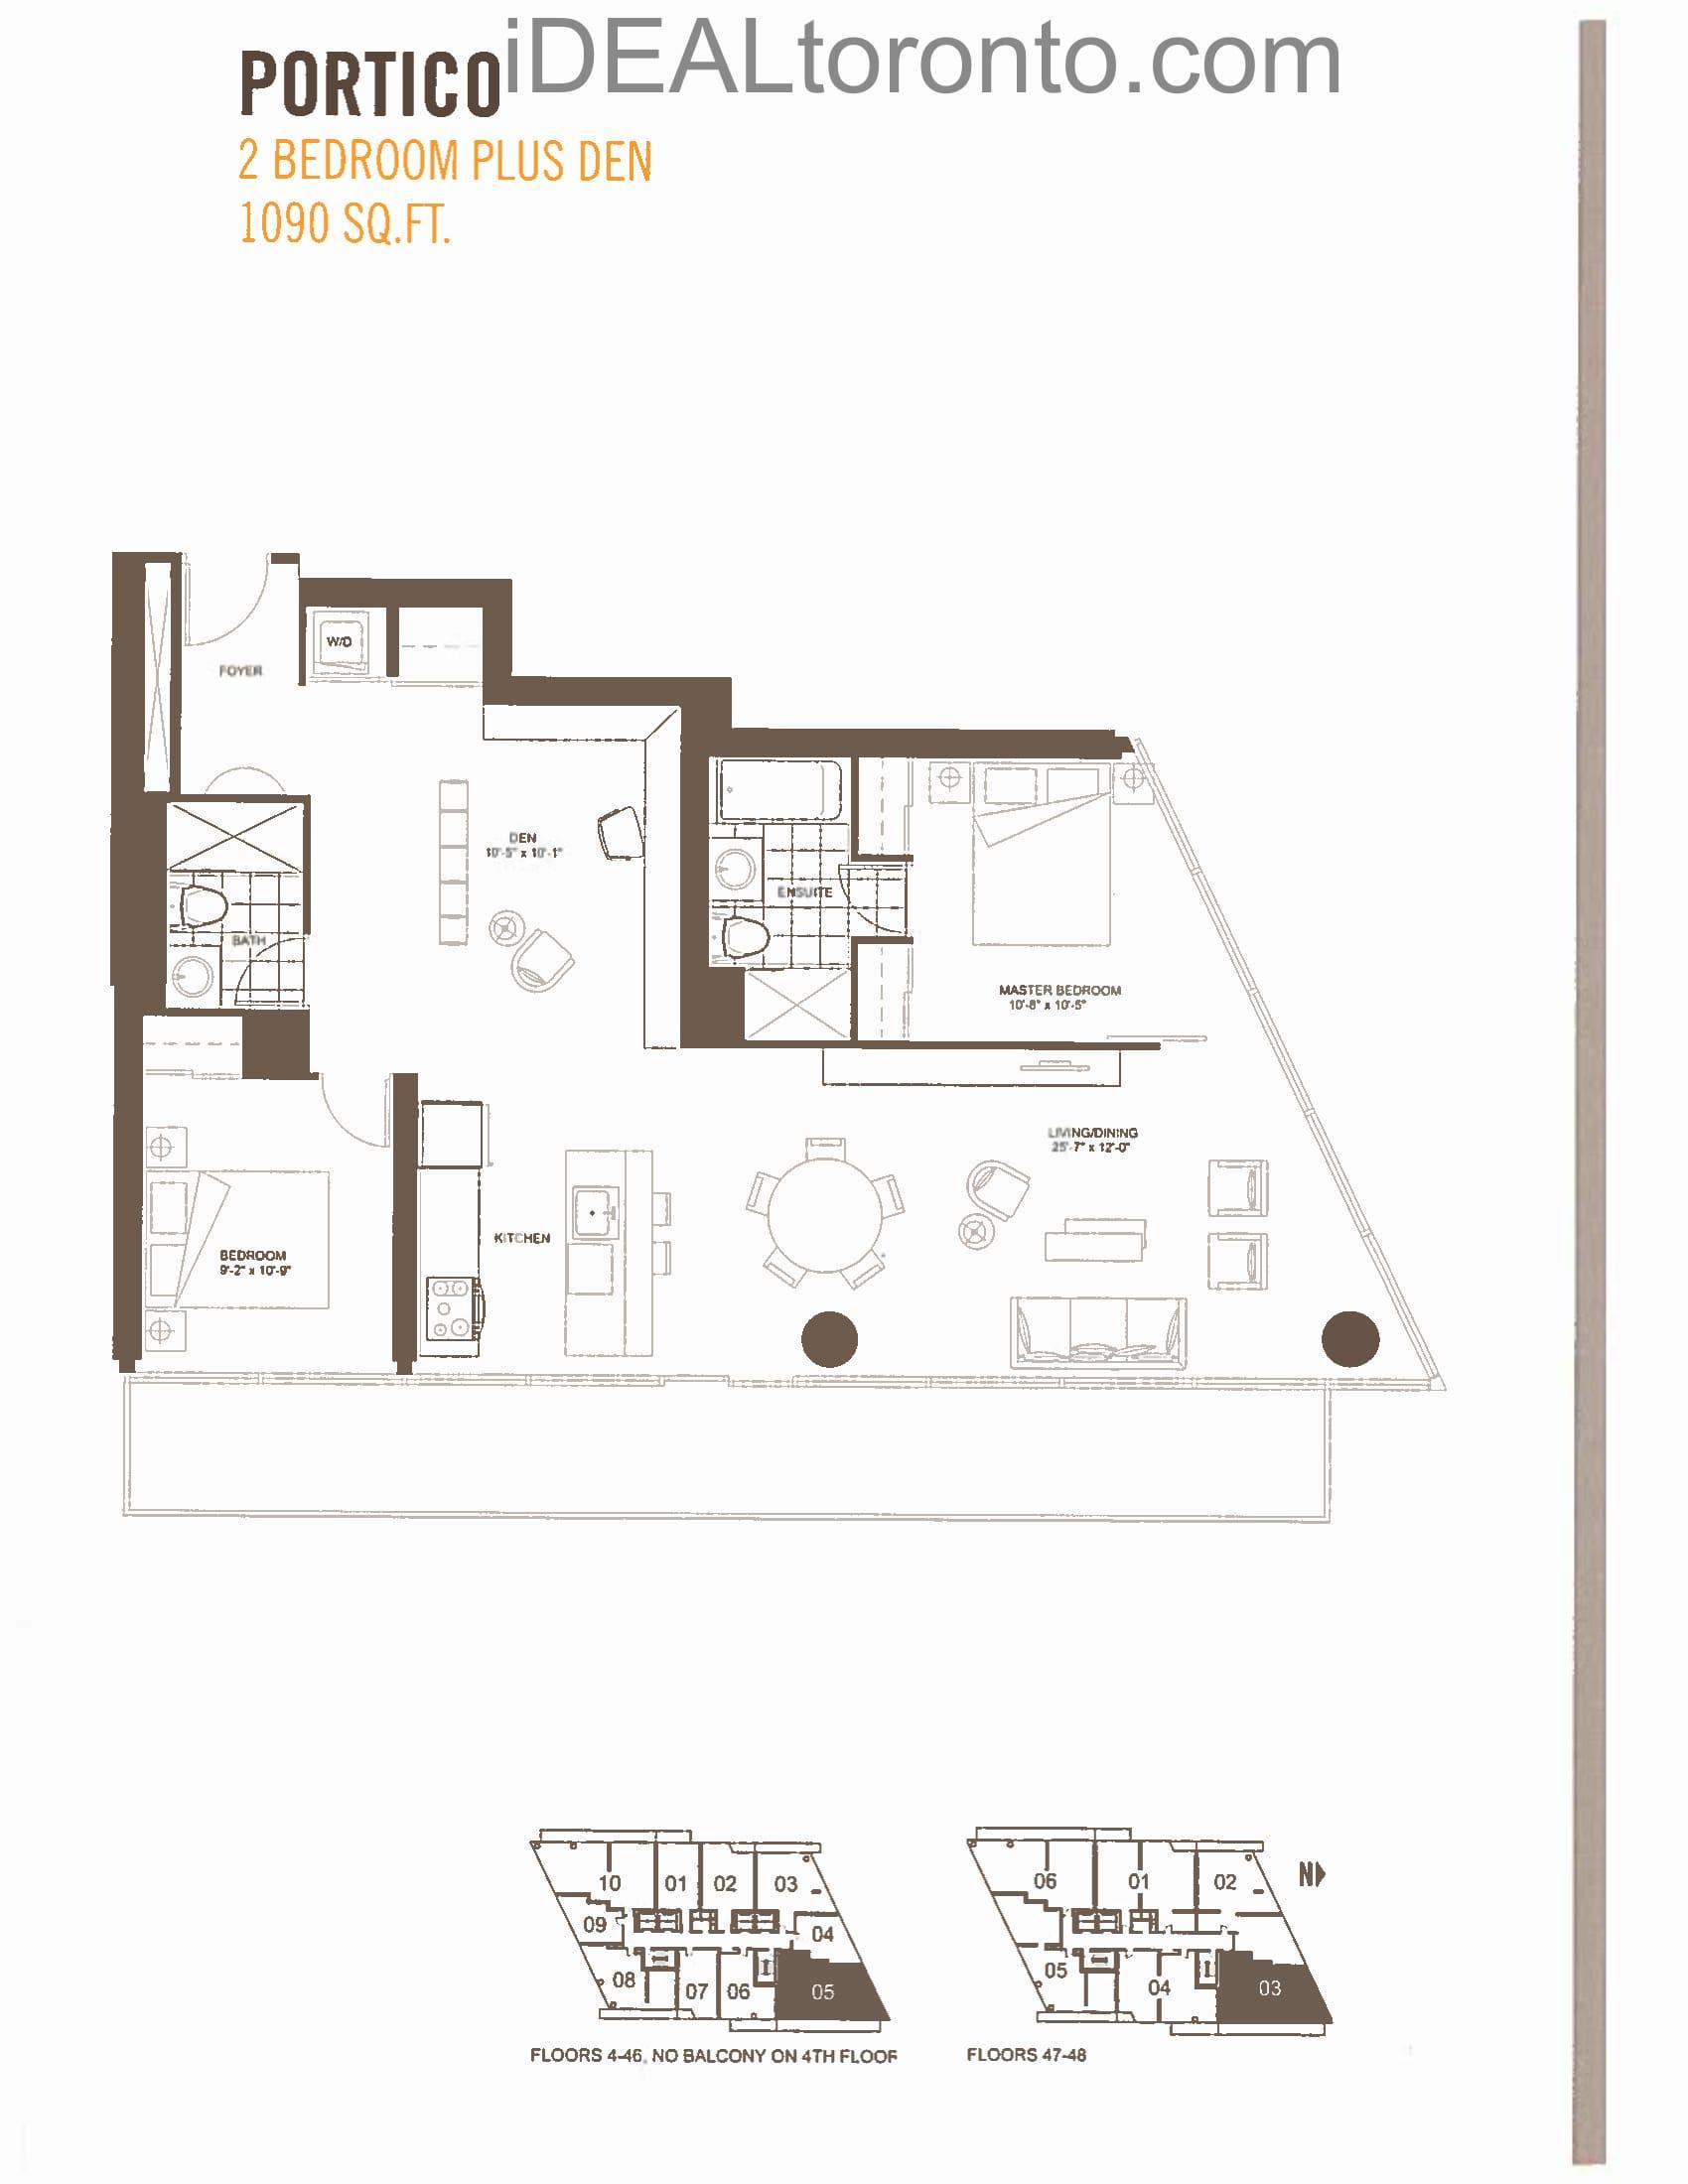 Portico : 2+1 Bedroom,NE, 1090 SqFt